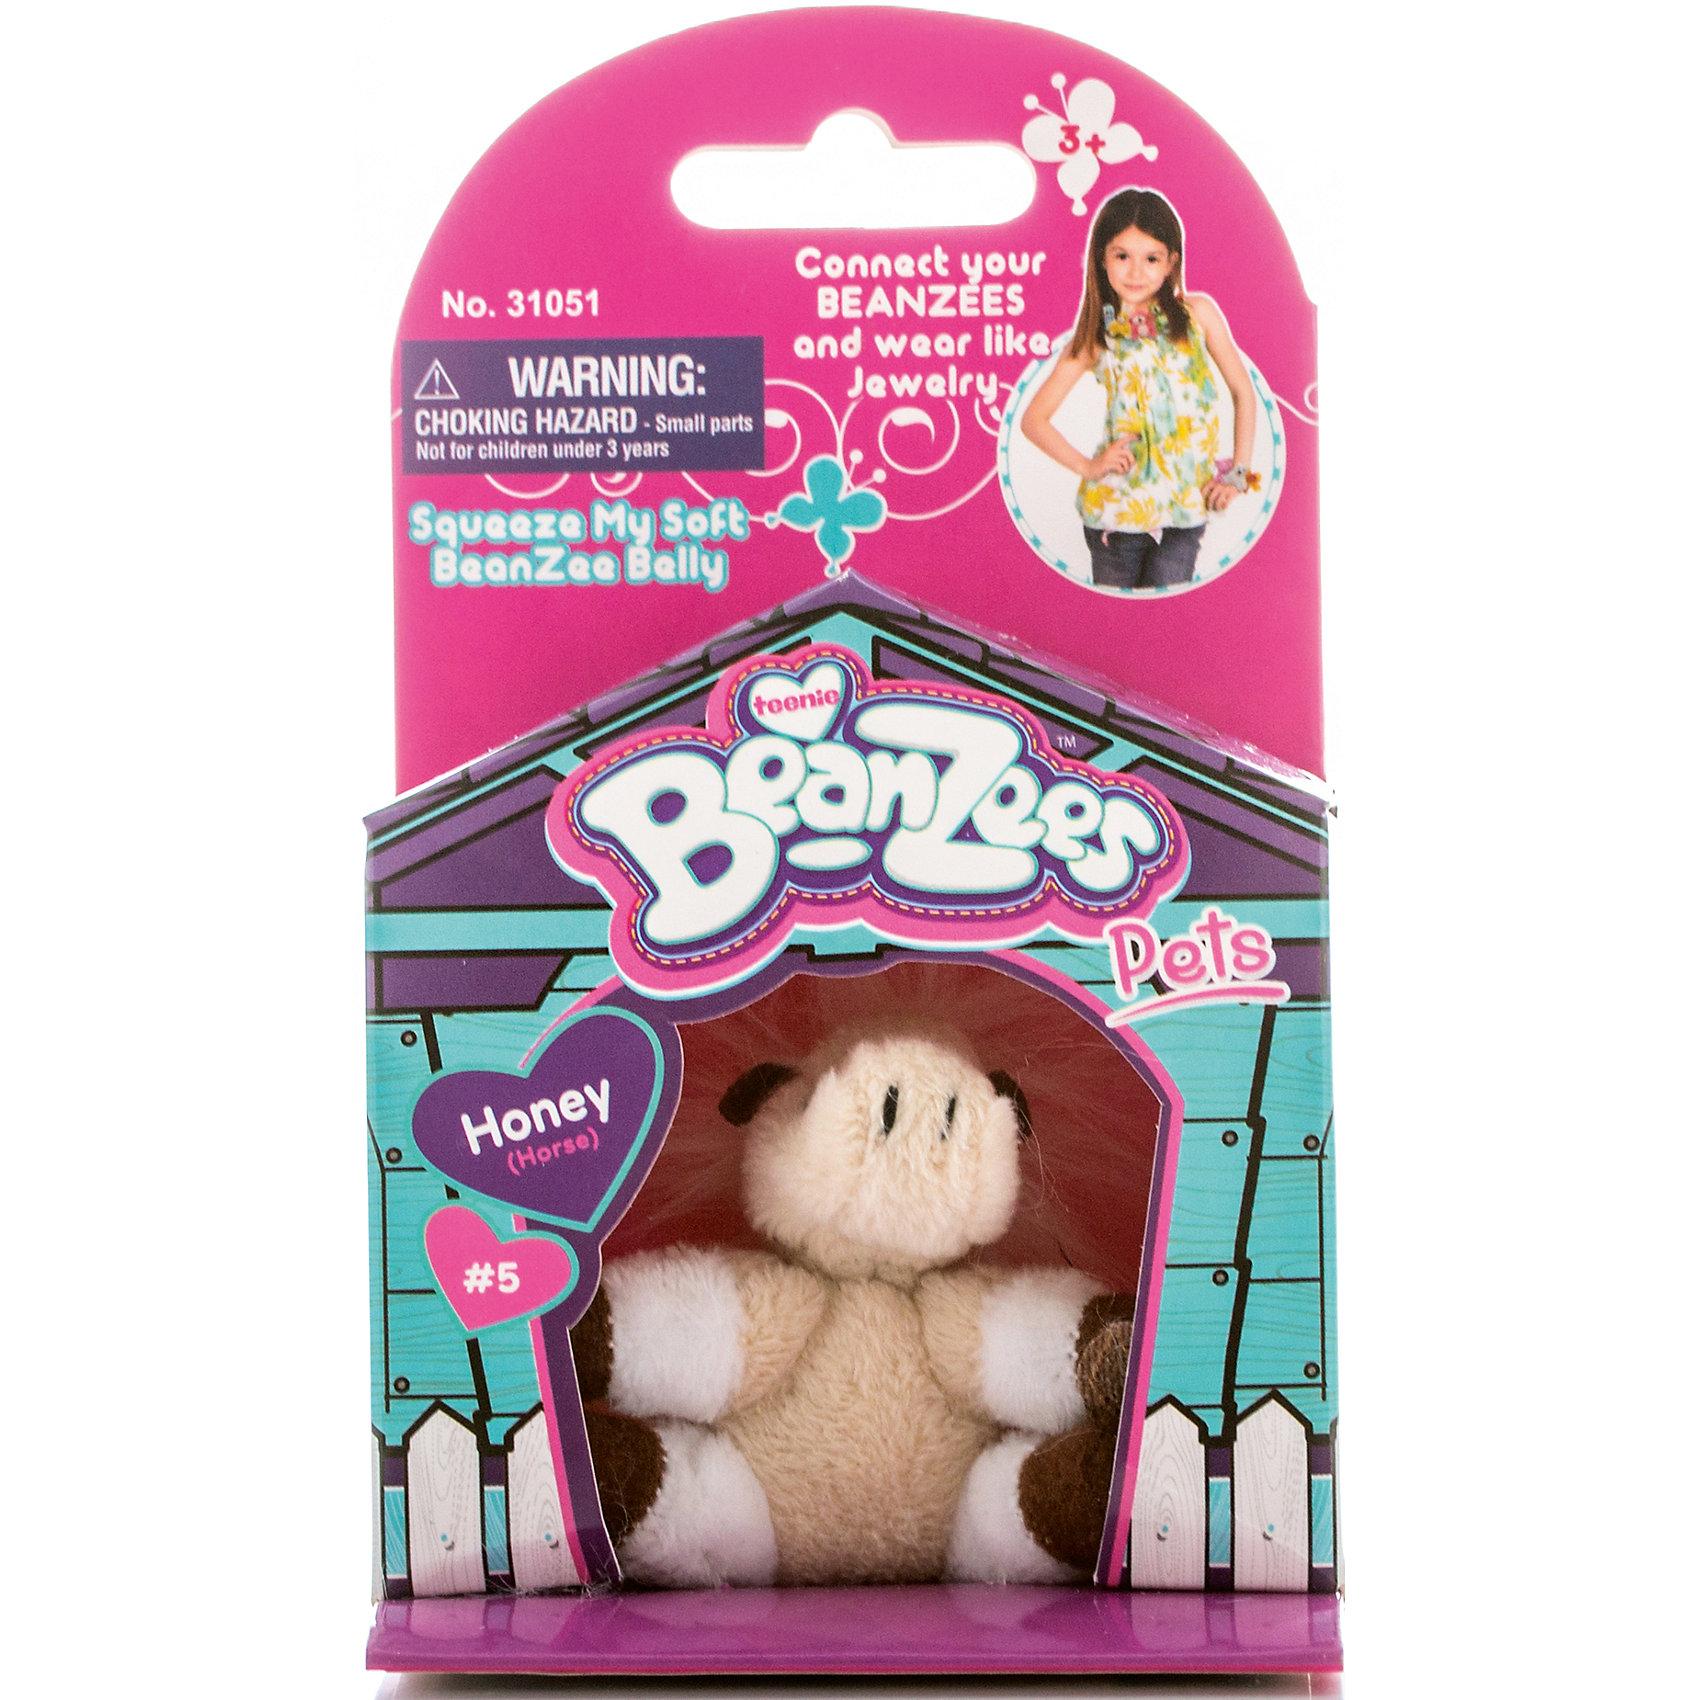 Мини-плюш Лошадь, BeanzeezЗвери и птицы<br>Характеристики товара:<br><br>• особенности: наличие на лапках липучек, игрушку можно соединять с другими героями из серии<br>• материал: пластик, текстиль<br>• размер упаковки: 9х5,5х14,5 см.<br>• высота игрушки: 5 см<br>• возраст: от 3 лет<br>• страна бренда: США<br>• страна производства: Китай<br><br>Такая симпатичная игрушка не оставит ребенка равнодушным! Какой малыш откажется поиграть с маленькими плюшевыми игрушками из большой пушистой коллекции?! Игрушки очень качественно выполнены, поэтому такая фигурка станет отличным подарком ребенку. Благодаря липучкам на лапках животных можно соединить между собой. Дети приходят в восторг от этих игрушек!<br>Такие предметы помогают ребенку отрабатывать новые навыки и способности - развивать ловкость, мелкую моторику, воображение, мышление, логику. Изделие производится из качественных сертифицированных материалов, безопасных даже для самых маленьких.<br><br>Мини-плюш Лошадь от бренда Beanzeez можно купить в нашем интернет-магазине.<br><br>Ширина мм: 50<br>Глубина мм: 140<br>Высота мм: 85<br>Вес г: 73<br>Возраст от месяцев: 36<br>Возраст до месяцев: 2147483647<br>Пол: Женский<br>Возраст: Детский<br>SKU: 5218683